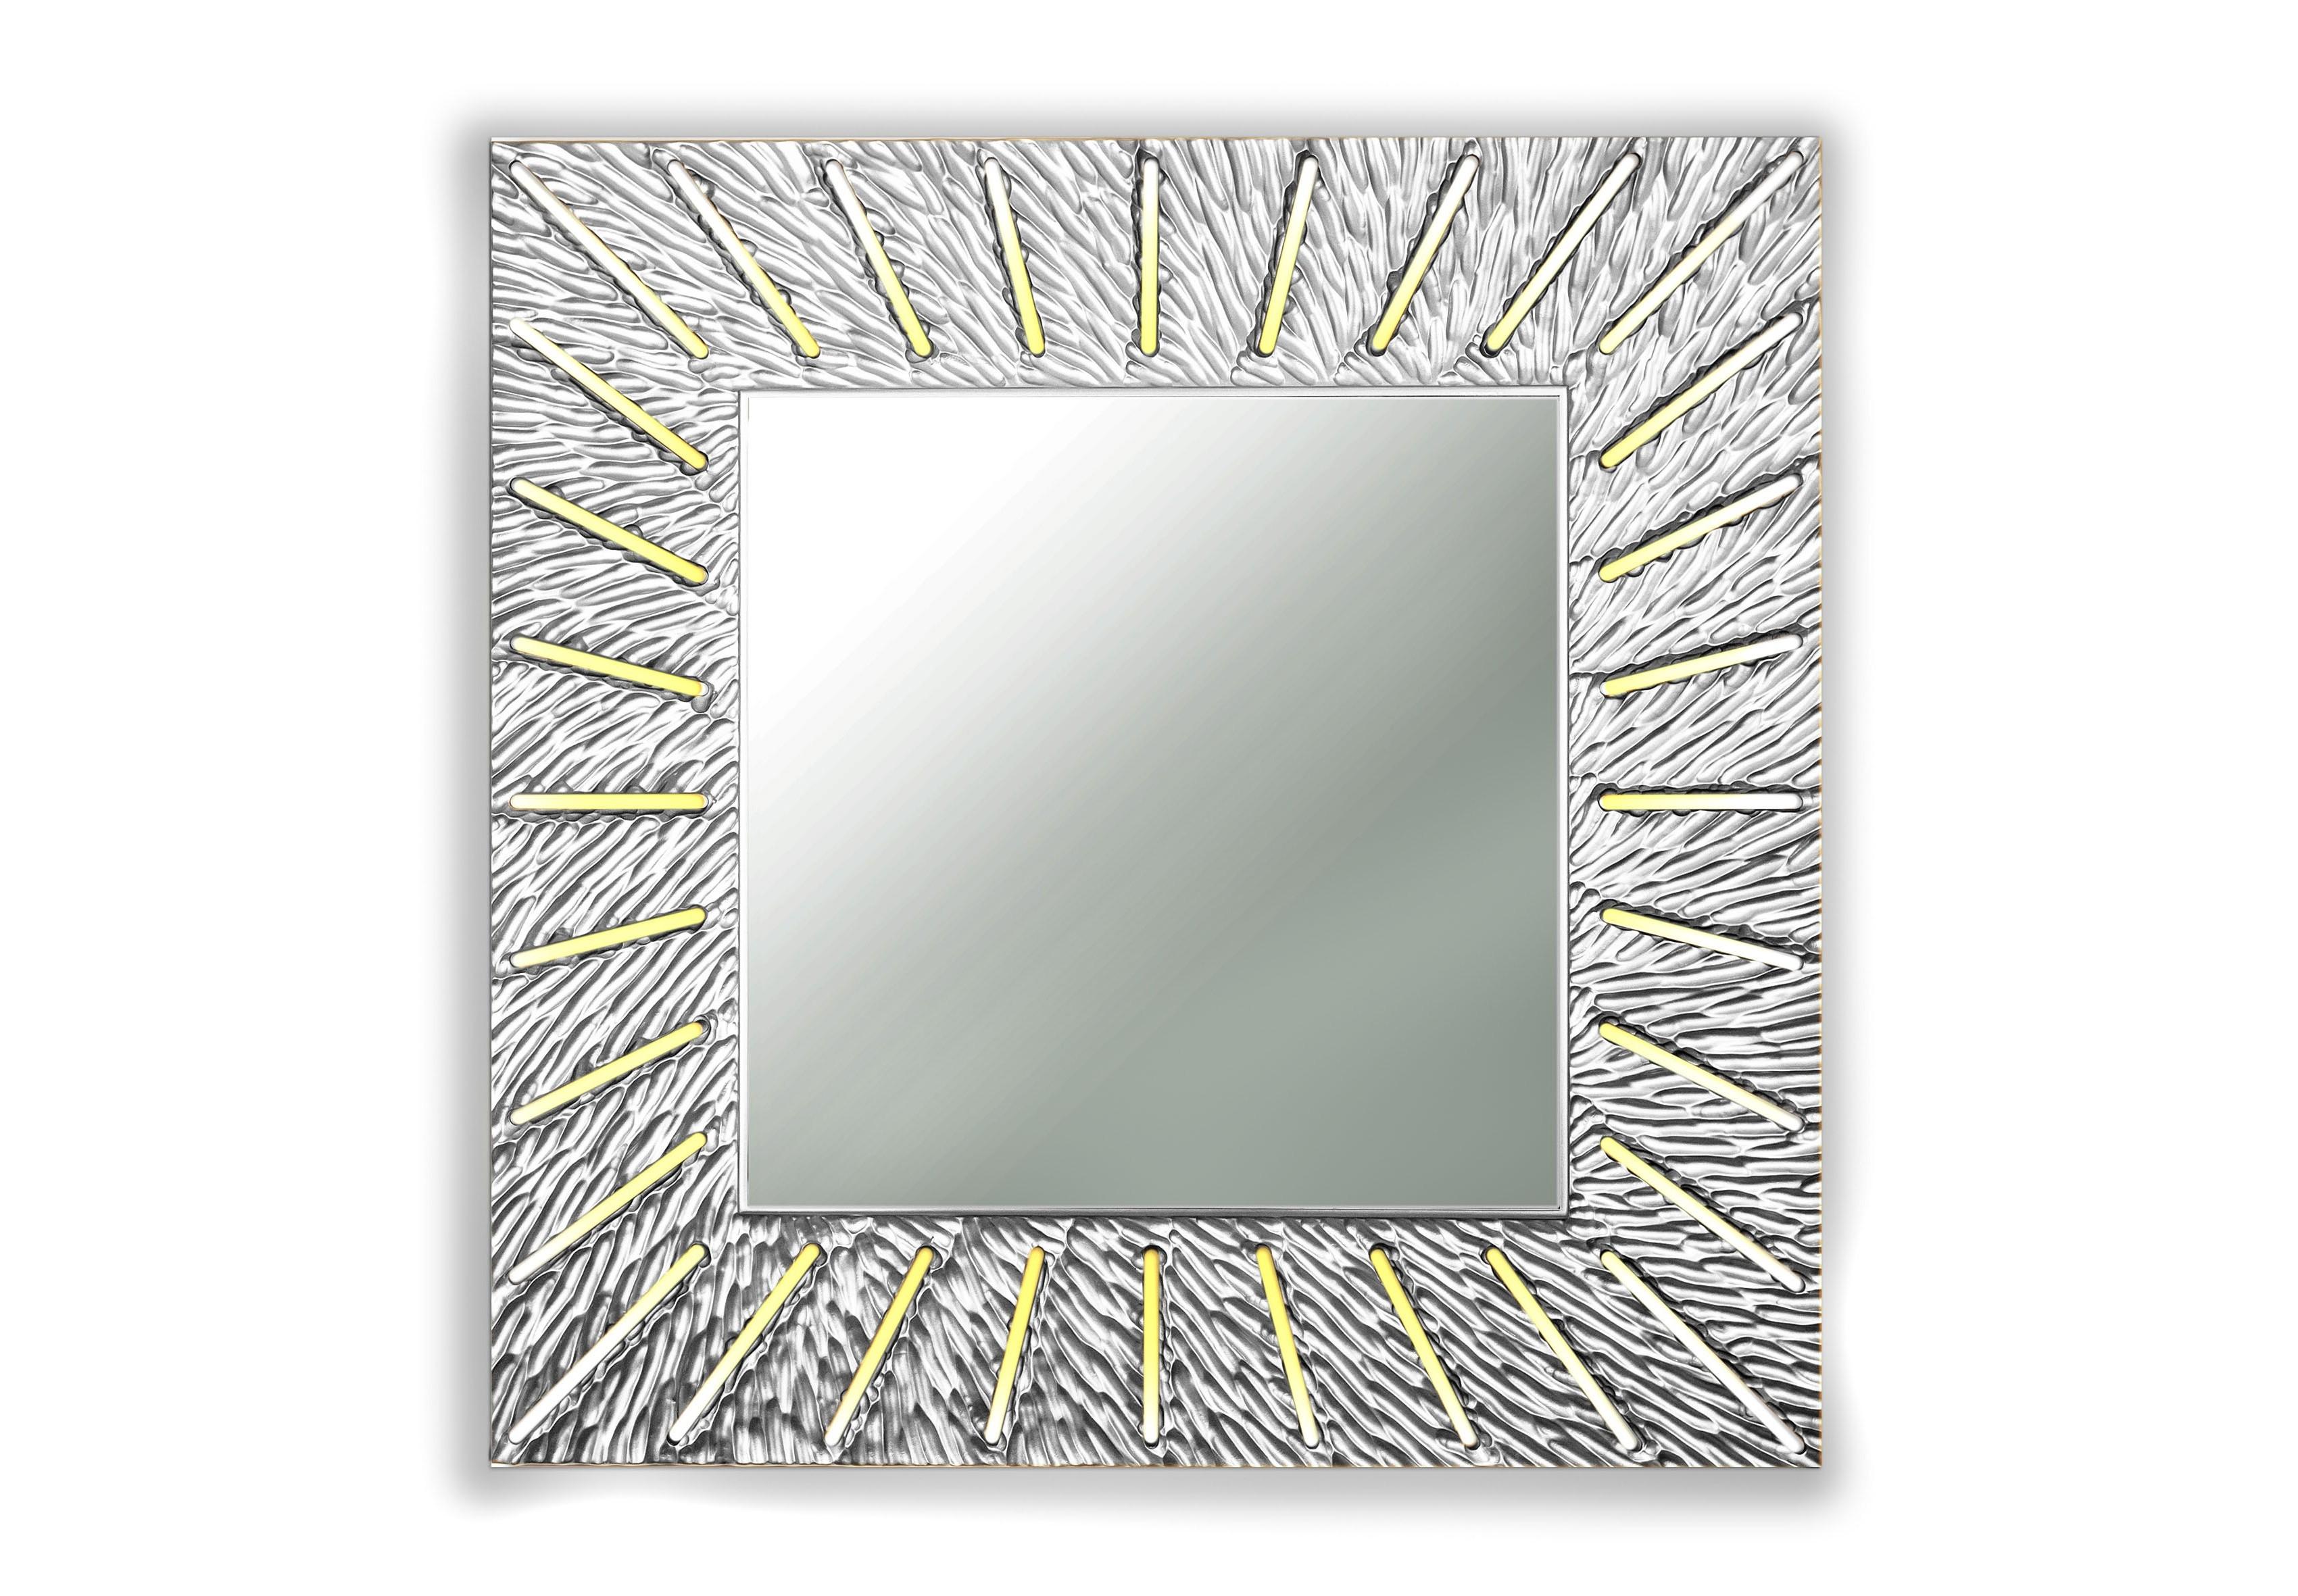 Зеркало SUNSHINEНастенные зеркала<br>С лучами солнца в дом приходят радость и веселье. <br>Распахните жизнь им навстречу, чтобы каждый день приносил удачу. <br>Символ солнца и изобилия-коллекция зеркал Sunshine согреет и осветит ваш дом.&amp;amp;nbsp;<br><br>Material: Дерево<br>Length см: None<br>Width см: 90<br>Depth см: 0,8<br>Height см: 90